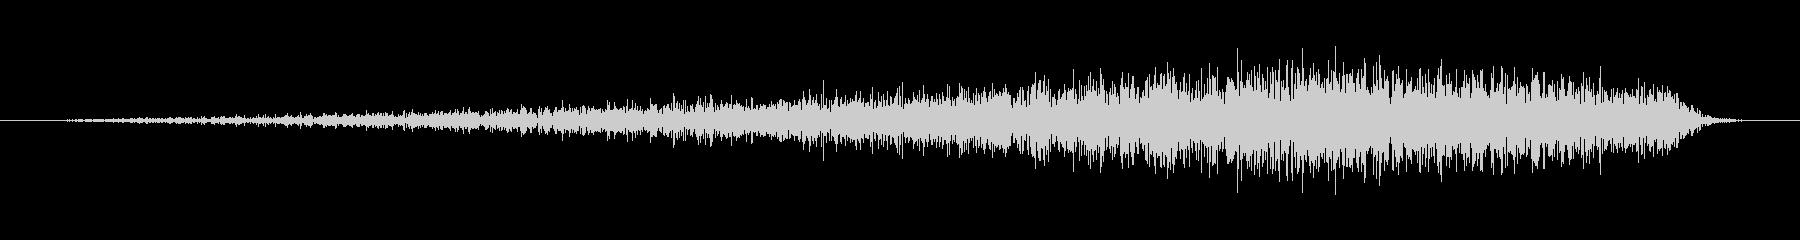 シューッという音EC07_89_1 2の未再生の波形